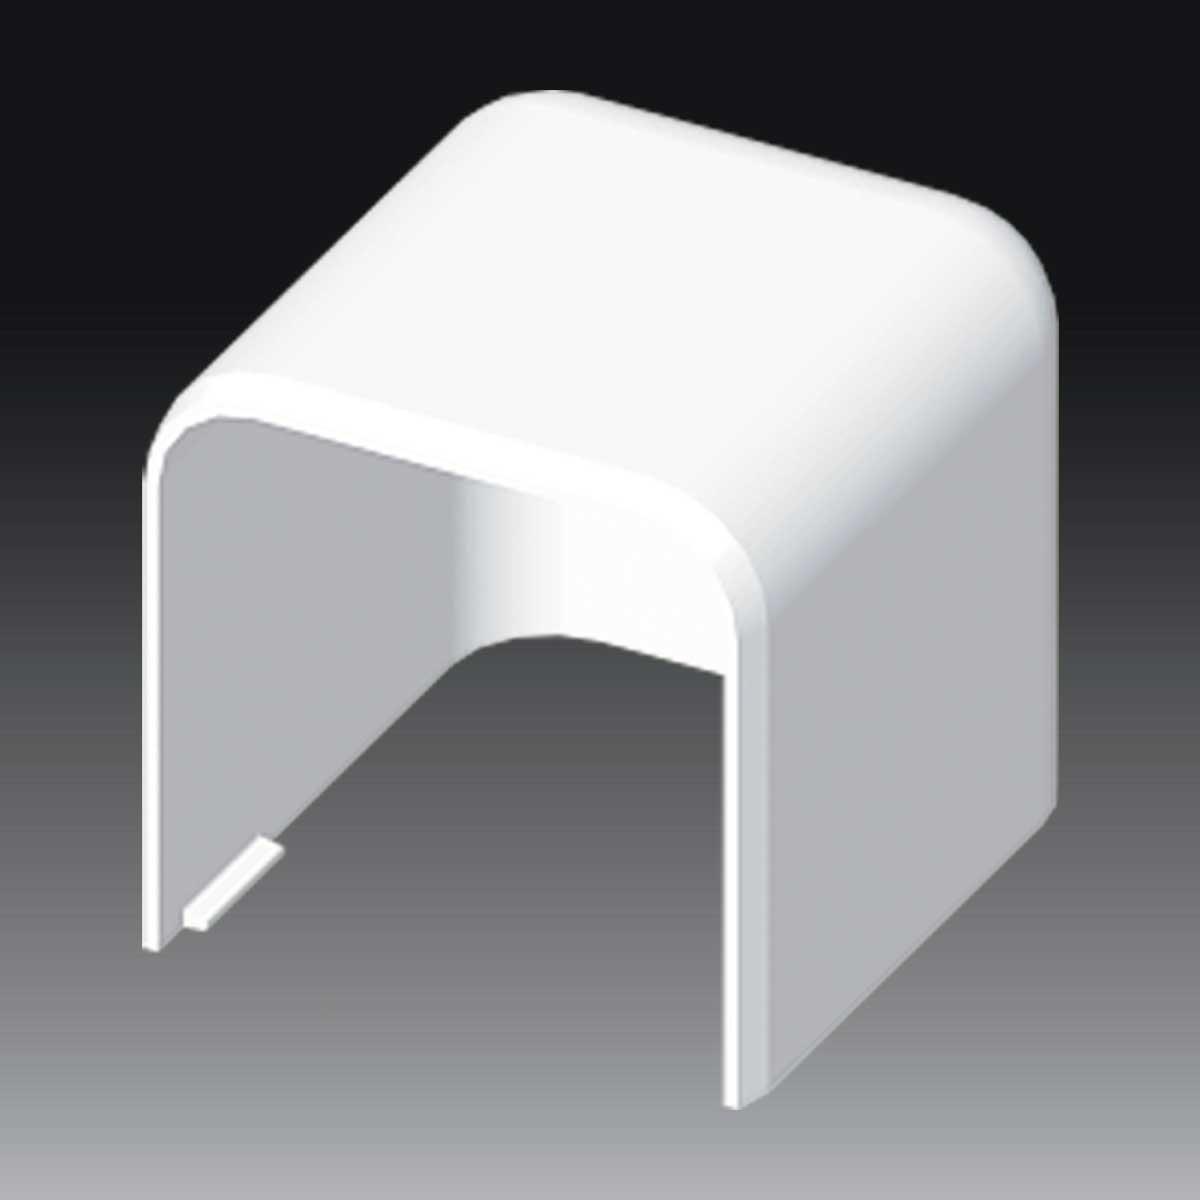 Заглушка для EKE 60х60 ; Серія EKЕ; ПВХ